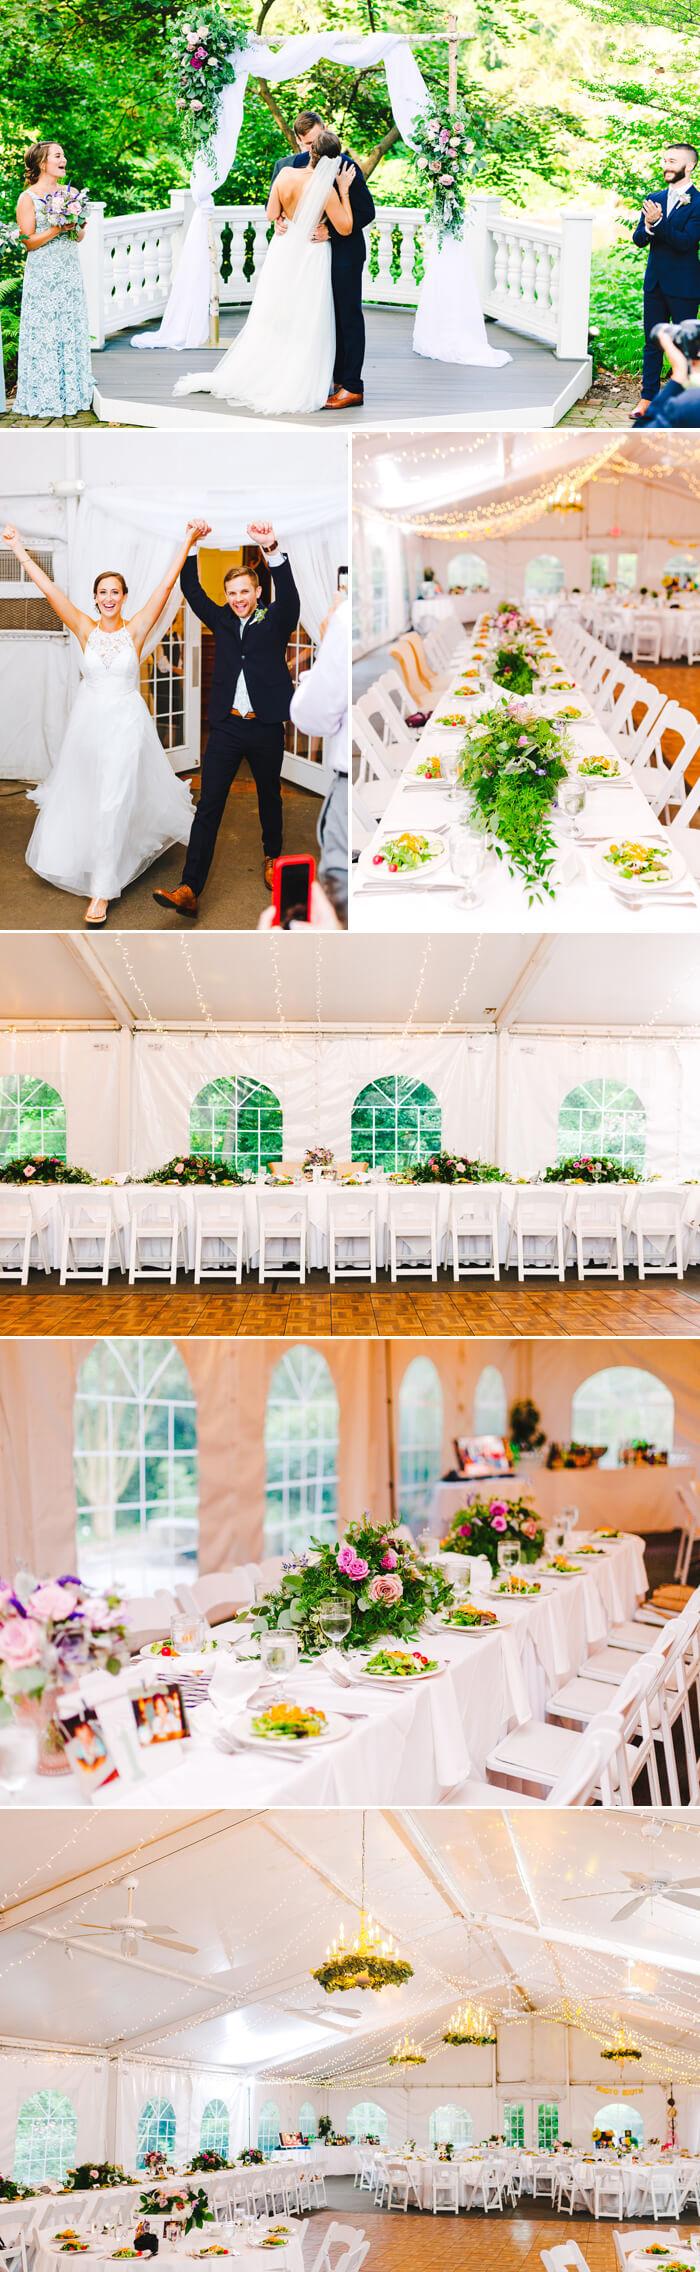 Hochzeit im Zelt feiern